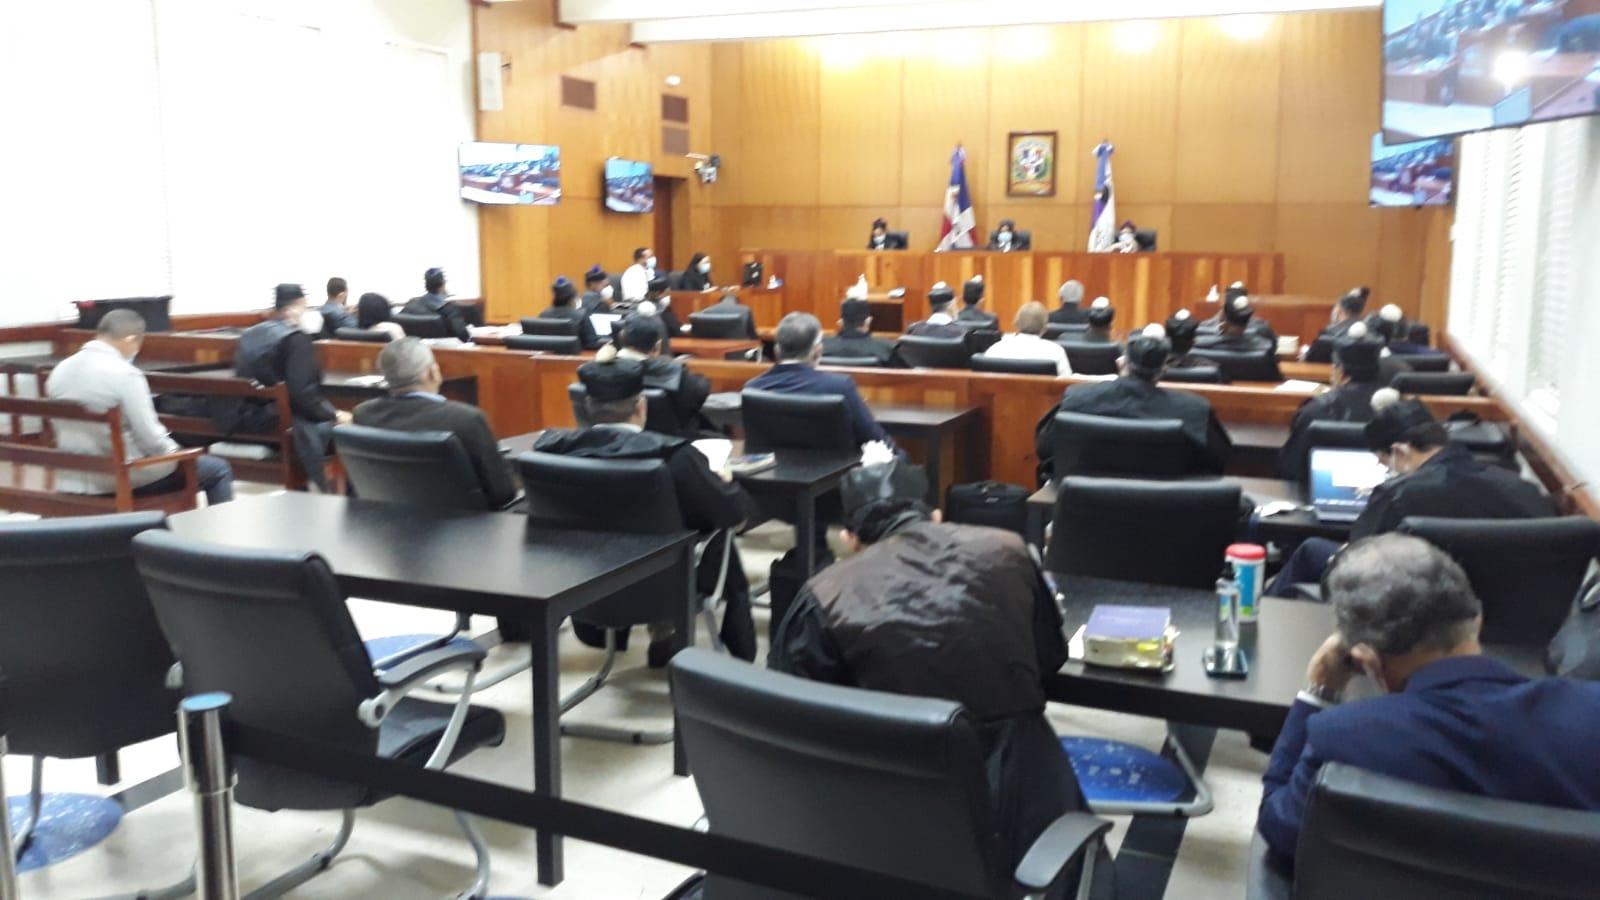 Imputados del caso Odebrech continúan presentando incidentes para evitar que se conozca la acusación.